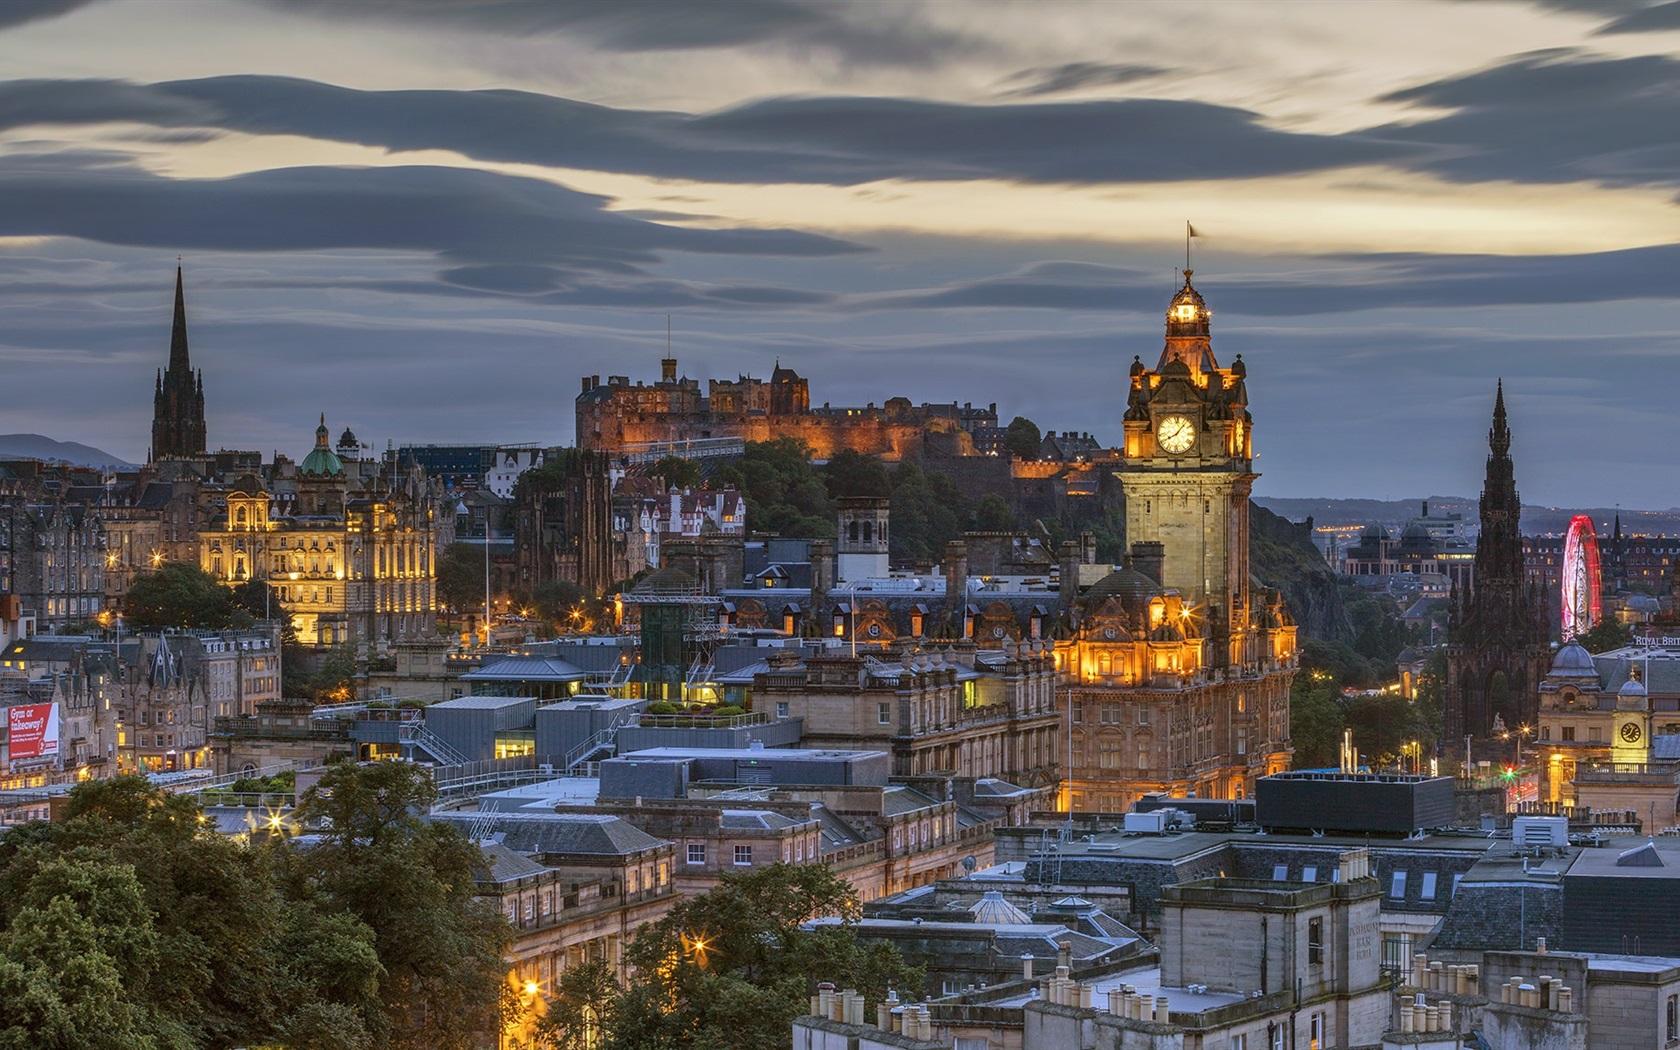 Обои Облака, эдинбург, Шотландия, свет, дома. Города foto 9